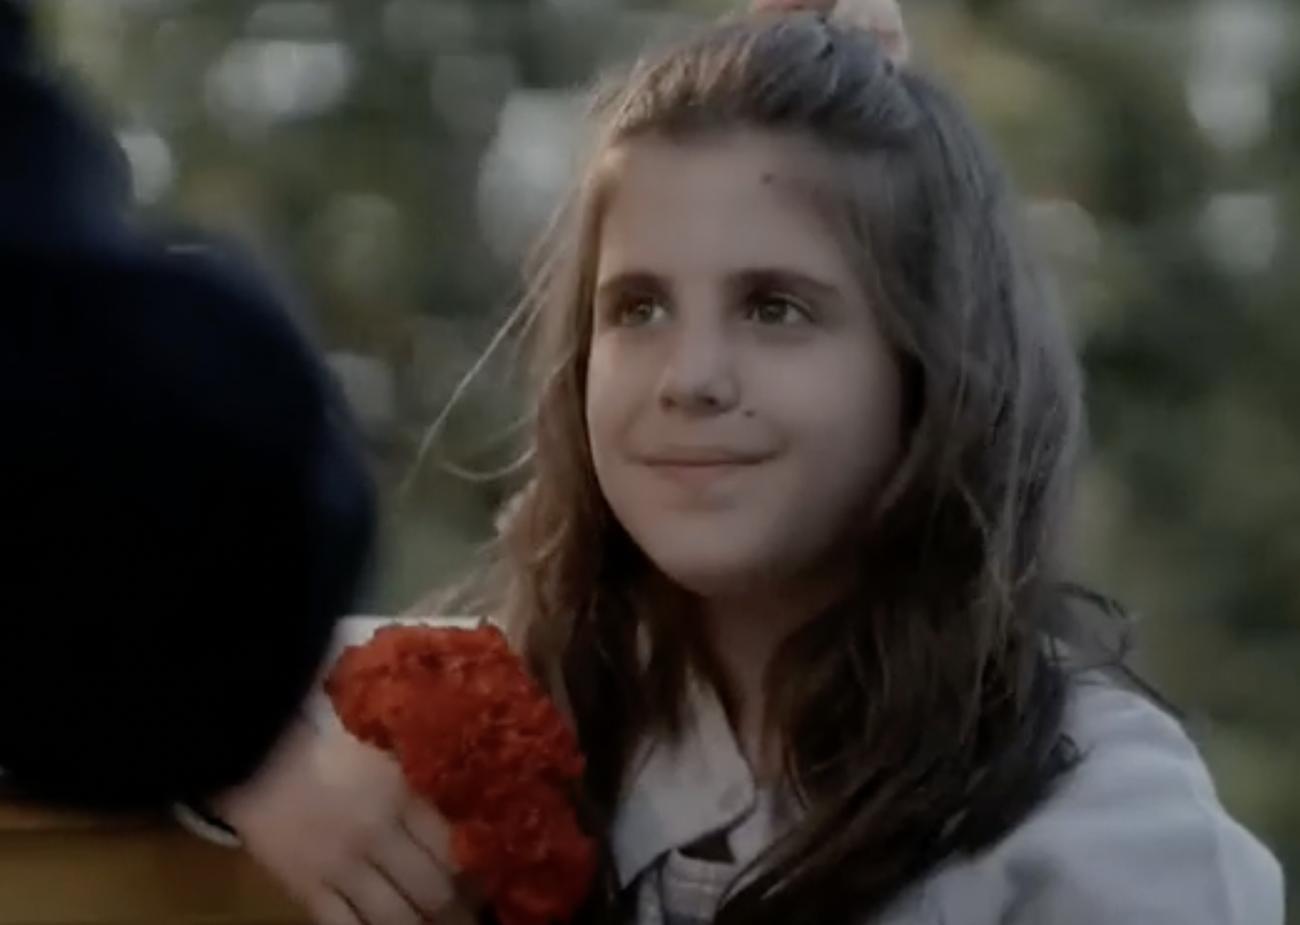 Άγριες Μέλισσες: Κόρη πρωταγωνιστή της σειράς το κοριτσάκι που έπαιξε στη σκηνή με τον Αλέξη